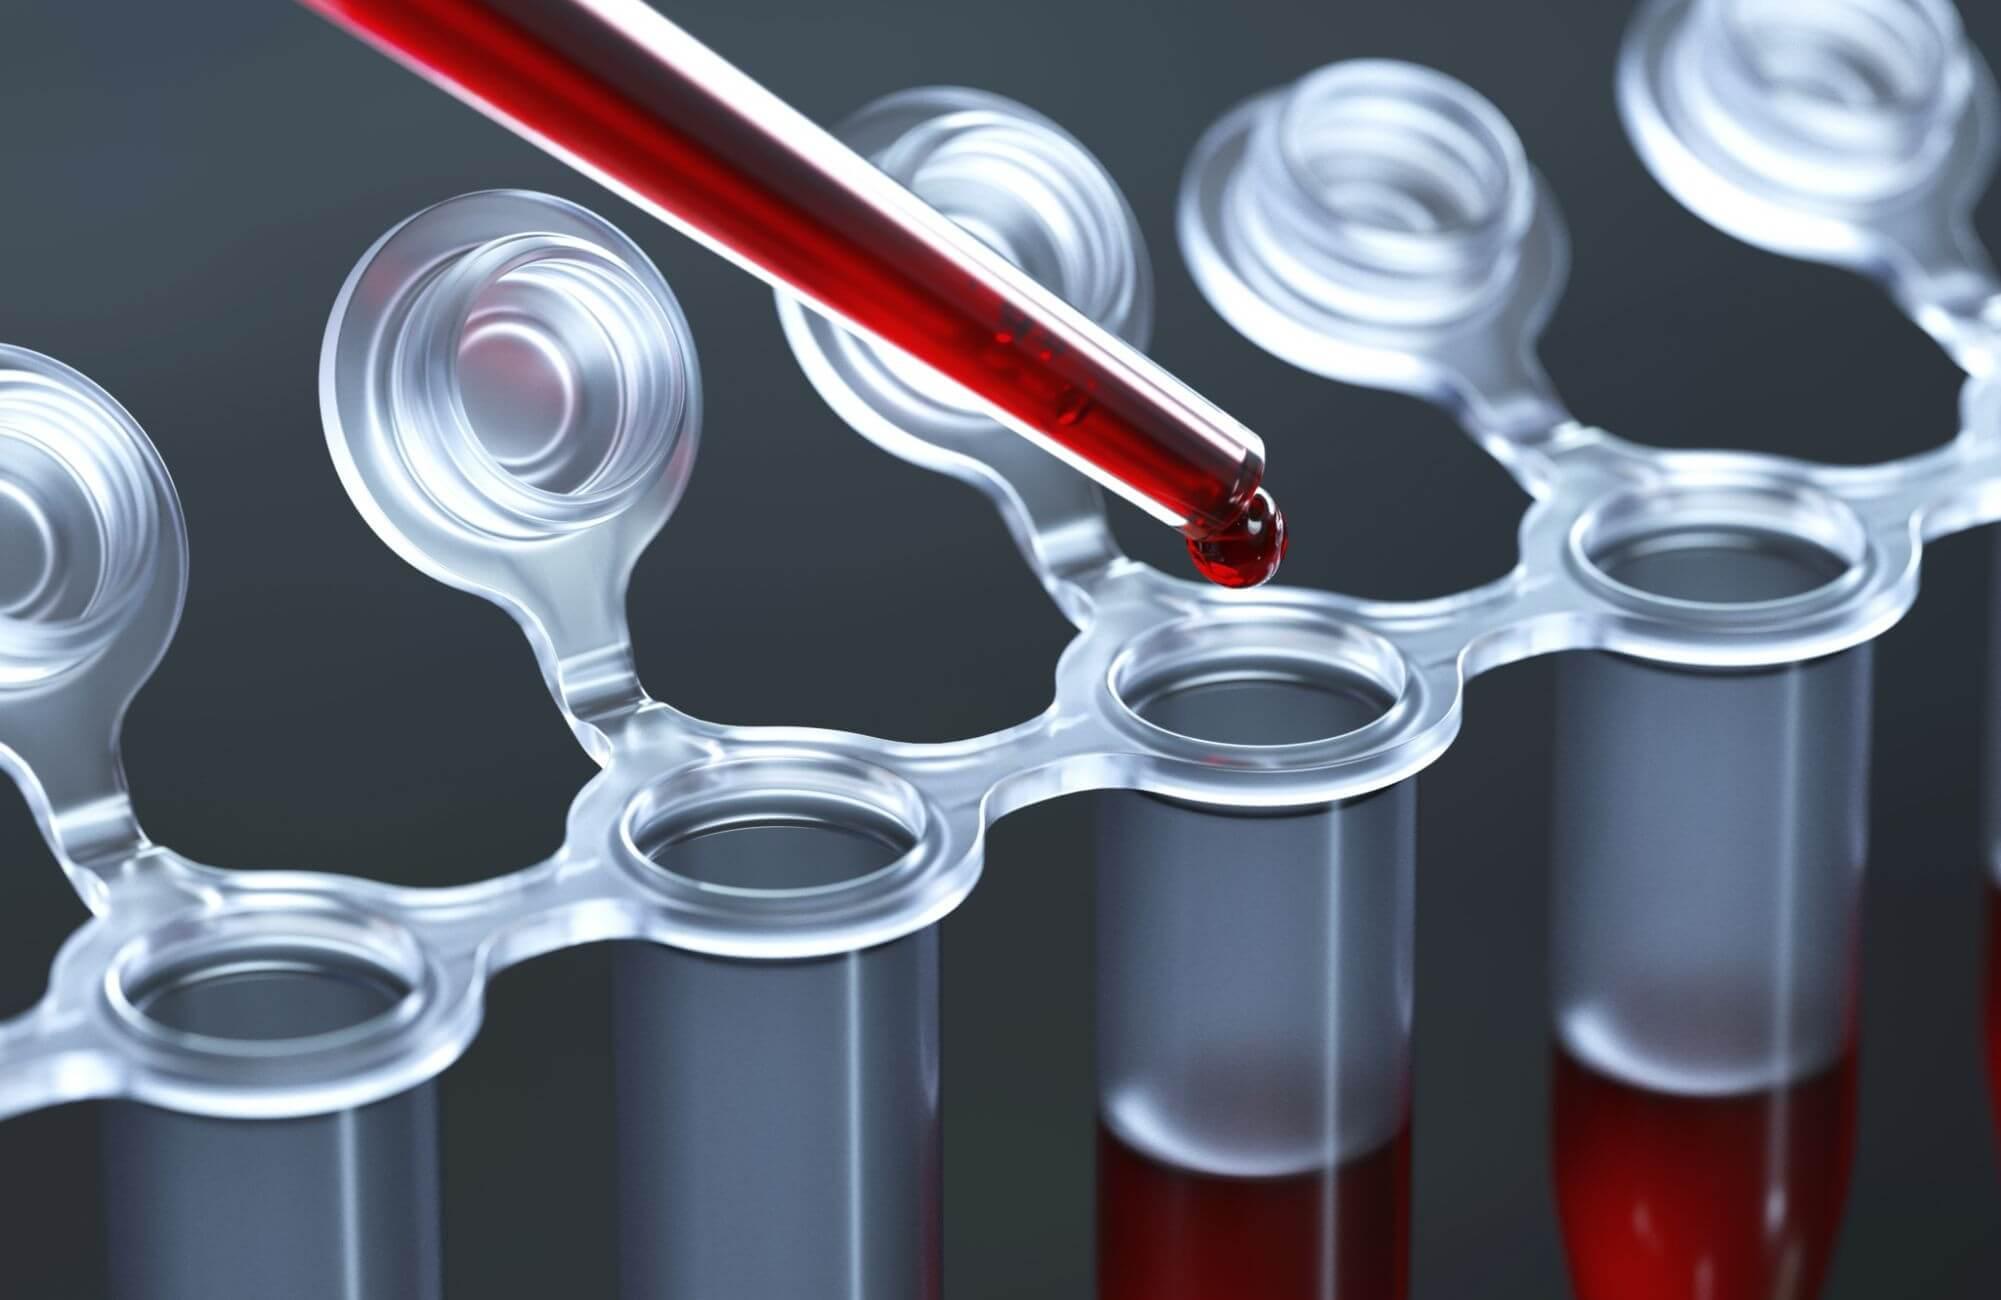 СОЭ в крови повышена: причины повышения и нормализация показателя